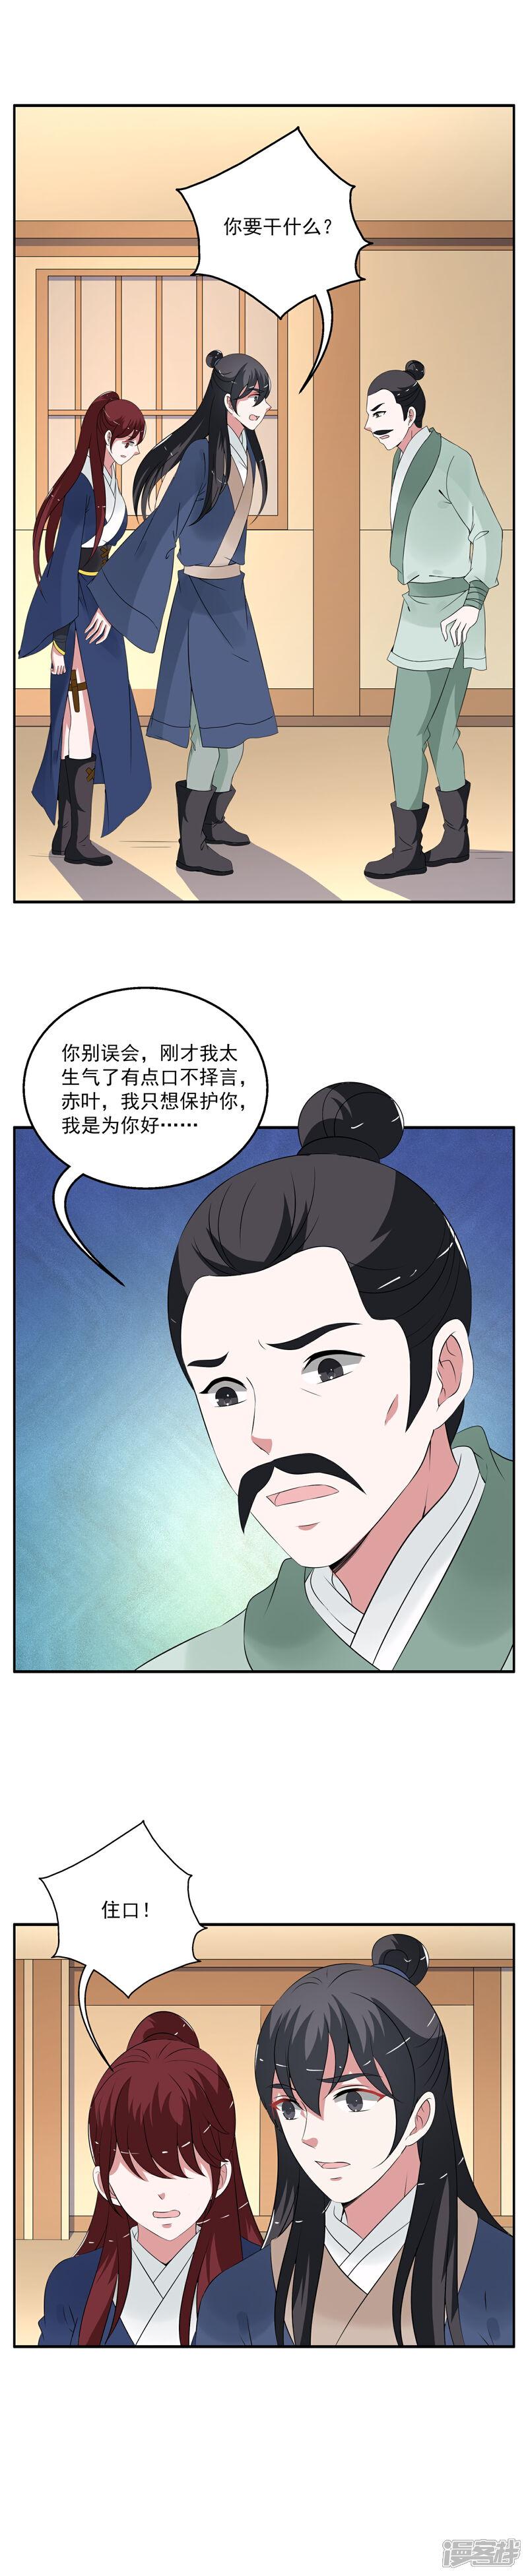 洛小妖186 (2).JPG